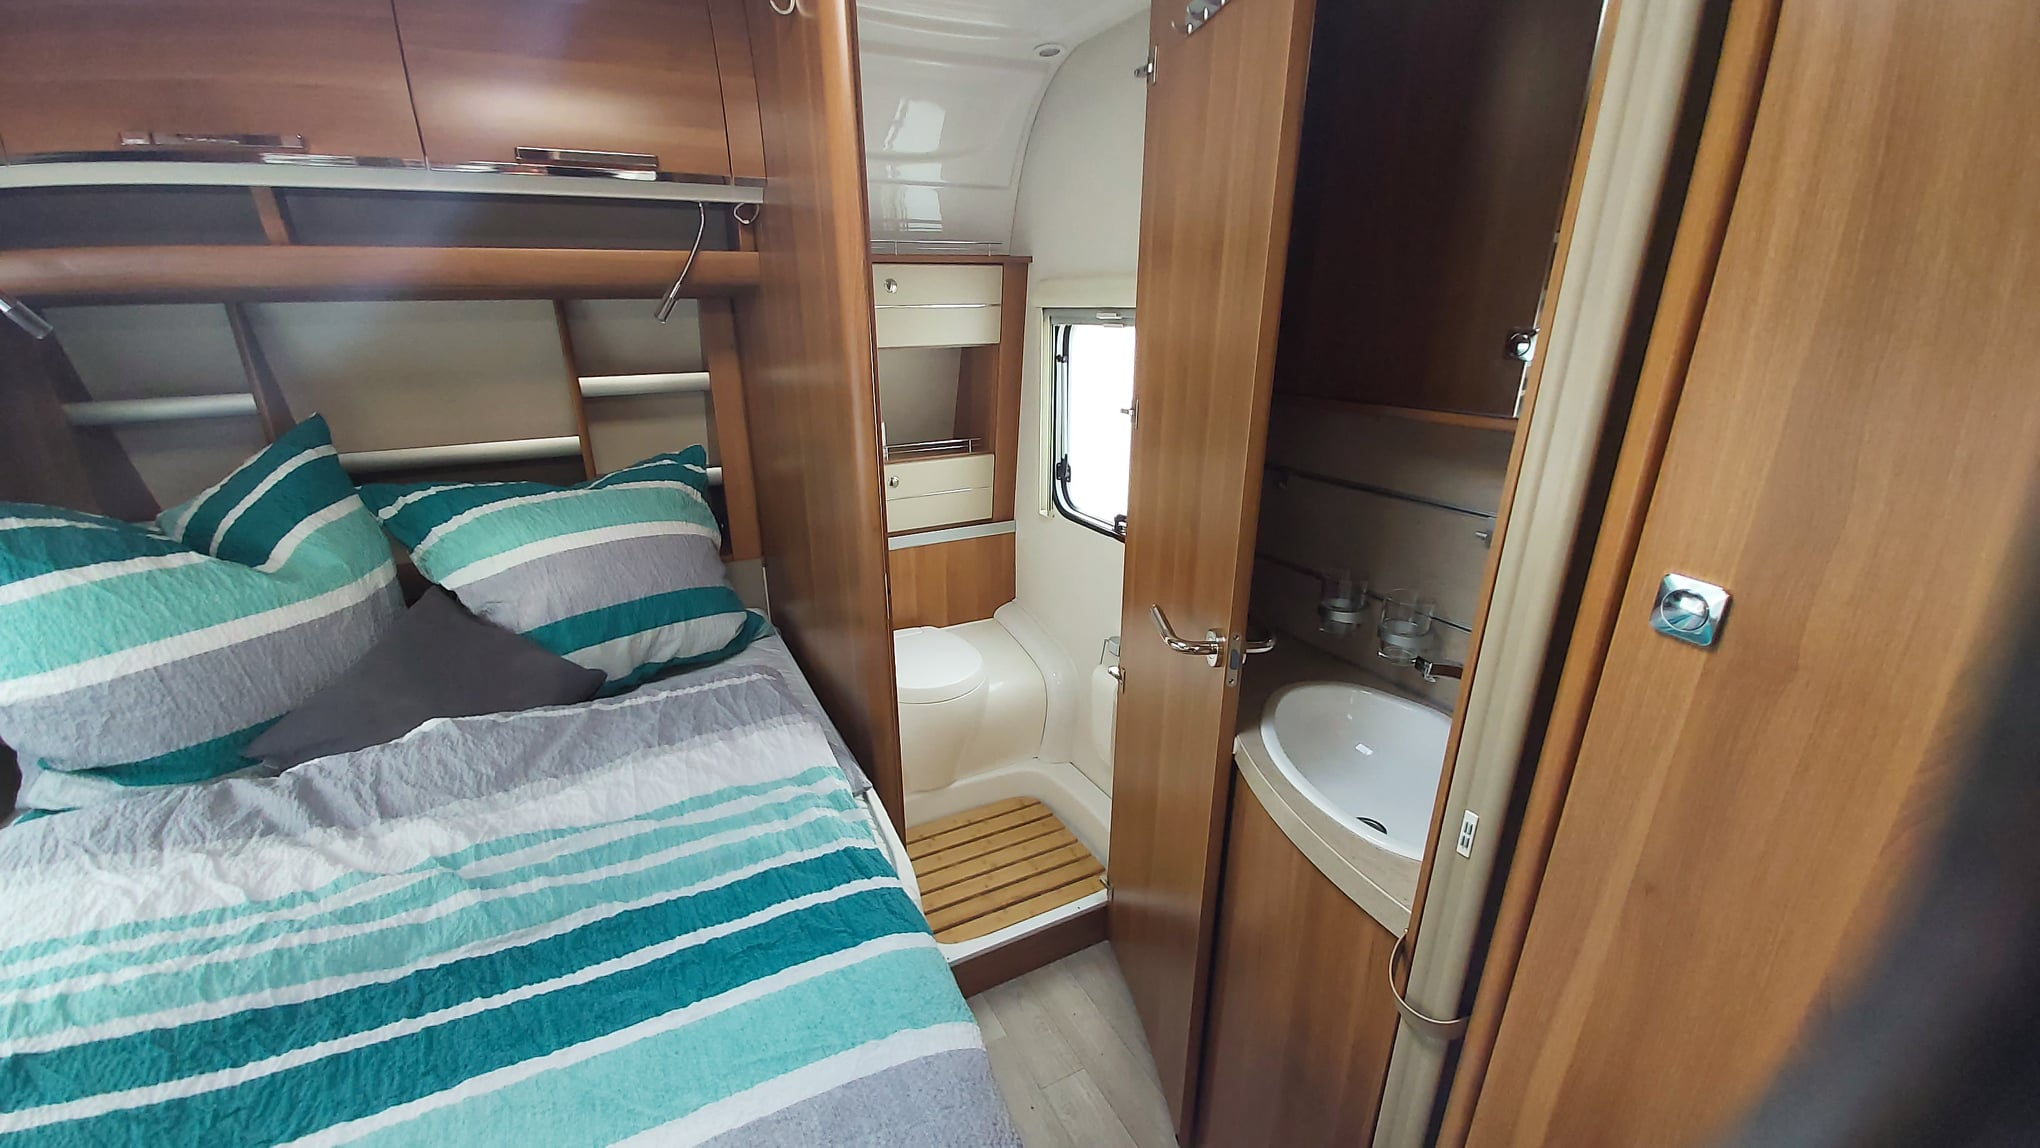 Wohnwagen Fendt Saphir 495 SFB, Wohnwagen Fendt Saphir 495 SFB (Bj. 2017) zu verkaufen